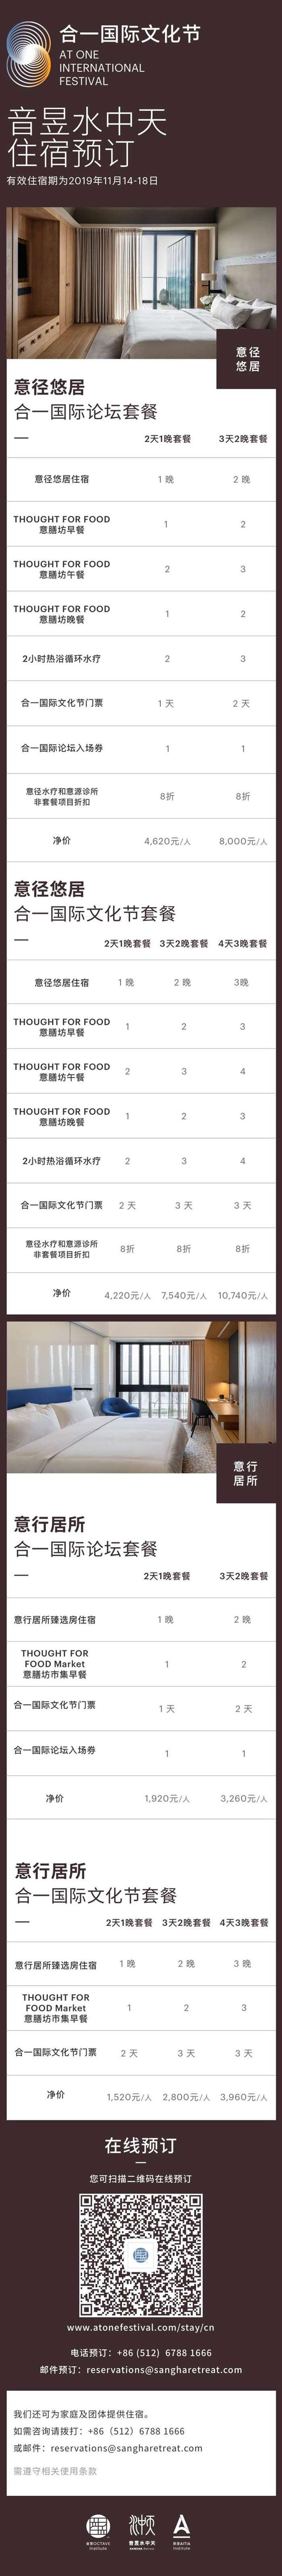 WeChat Image_20191017115850.jpg